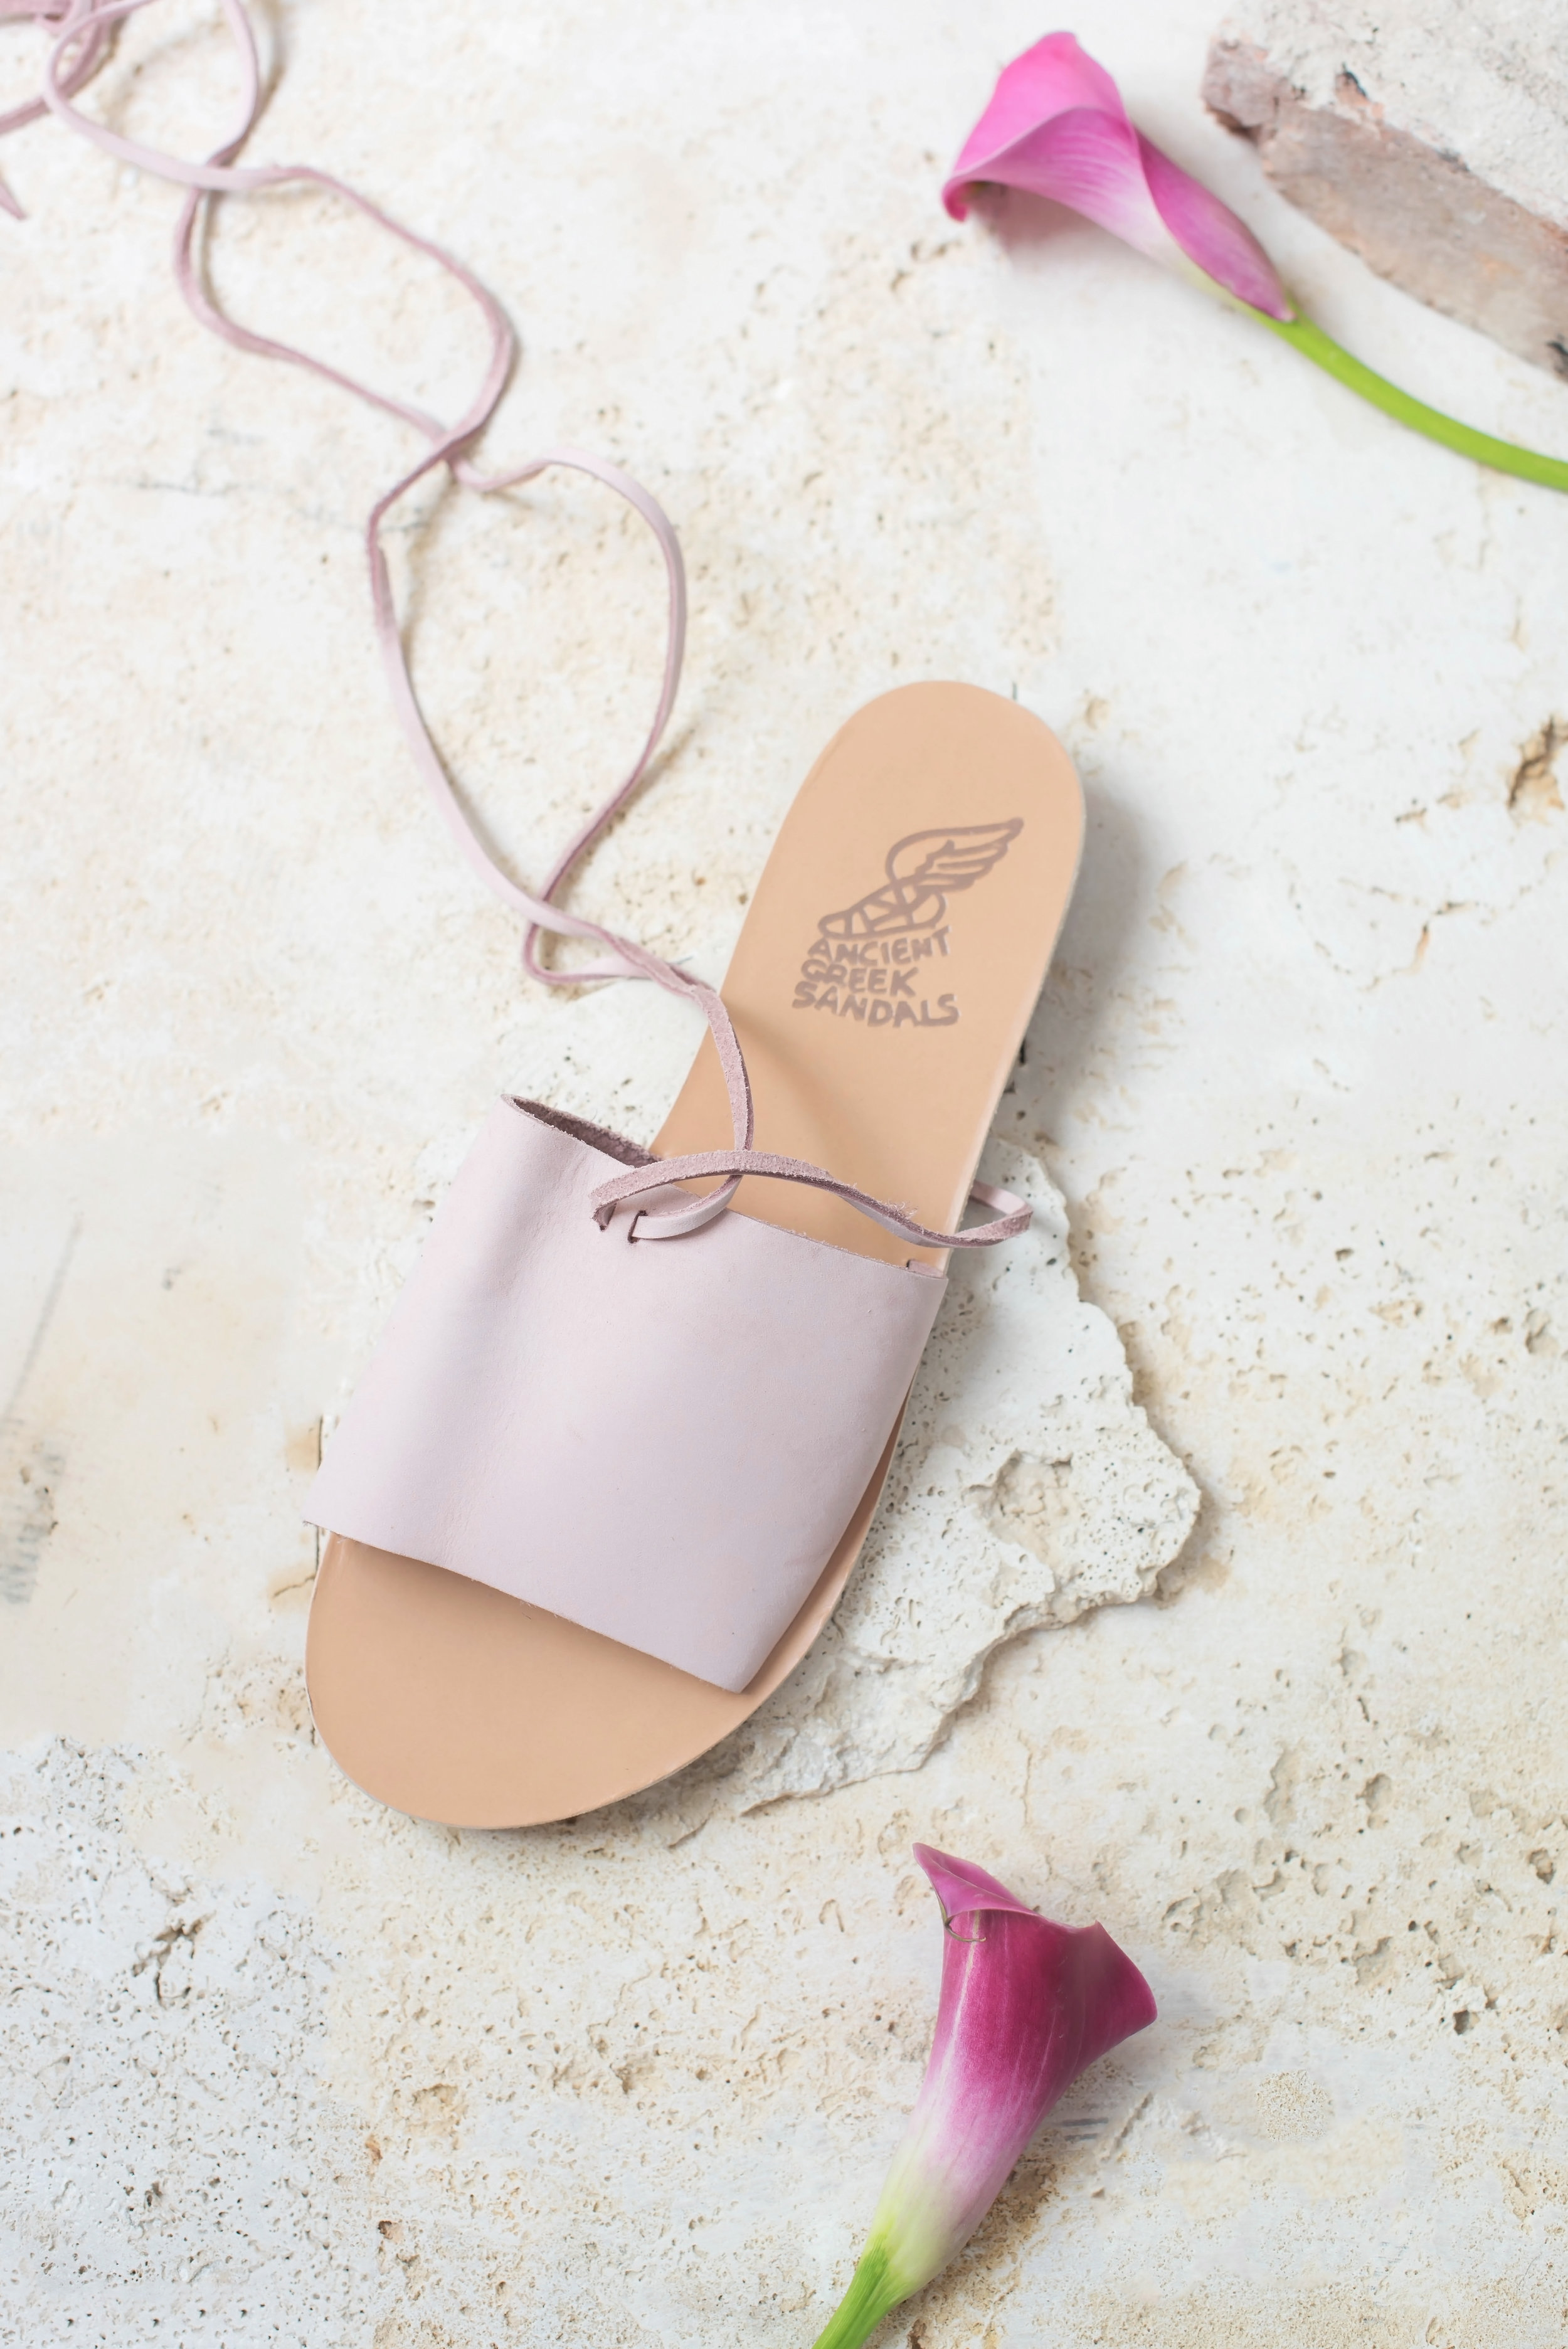 ROSE & IVY Journal Sandals for Summer Ancient Greek Sandals